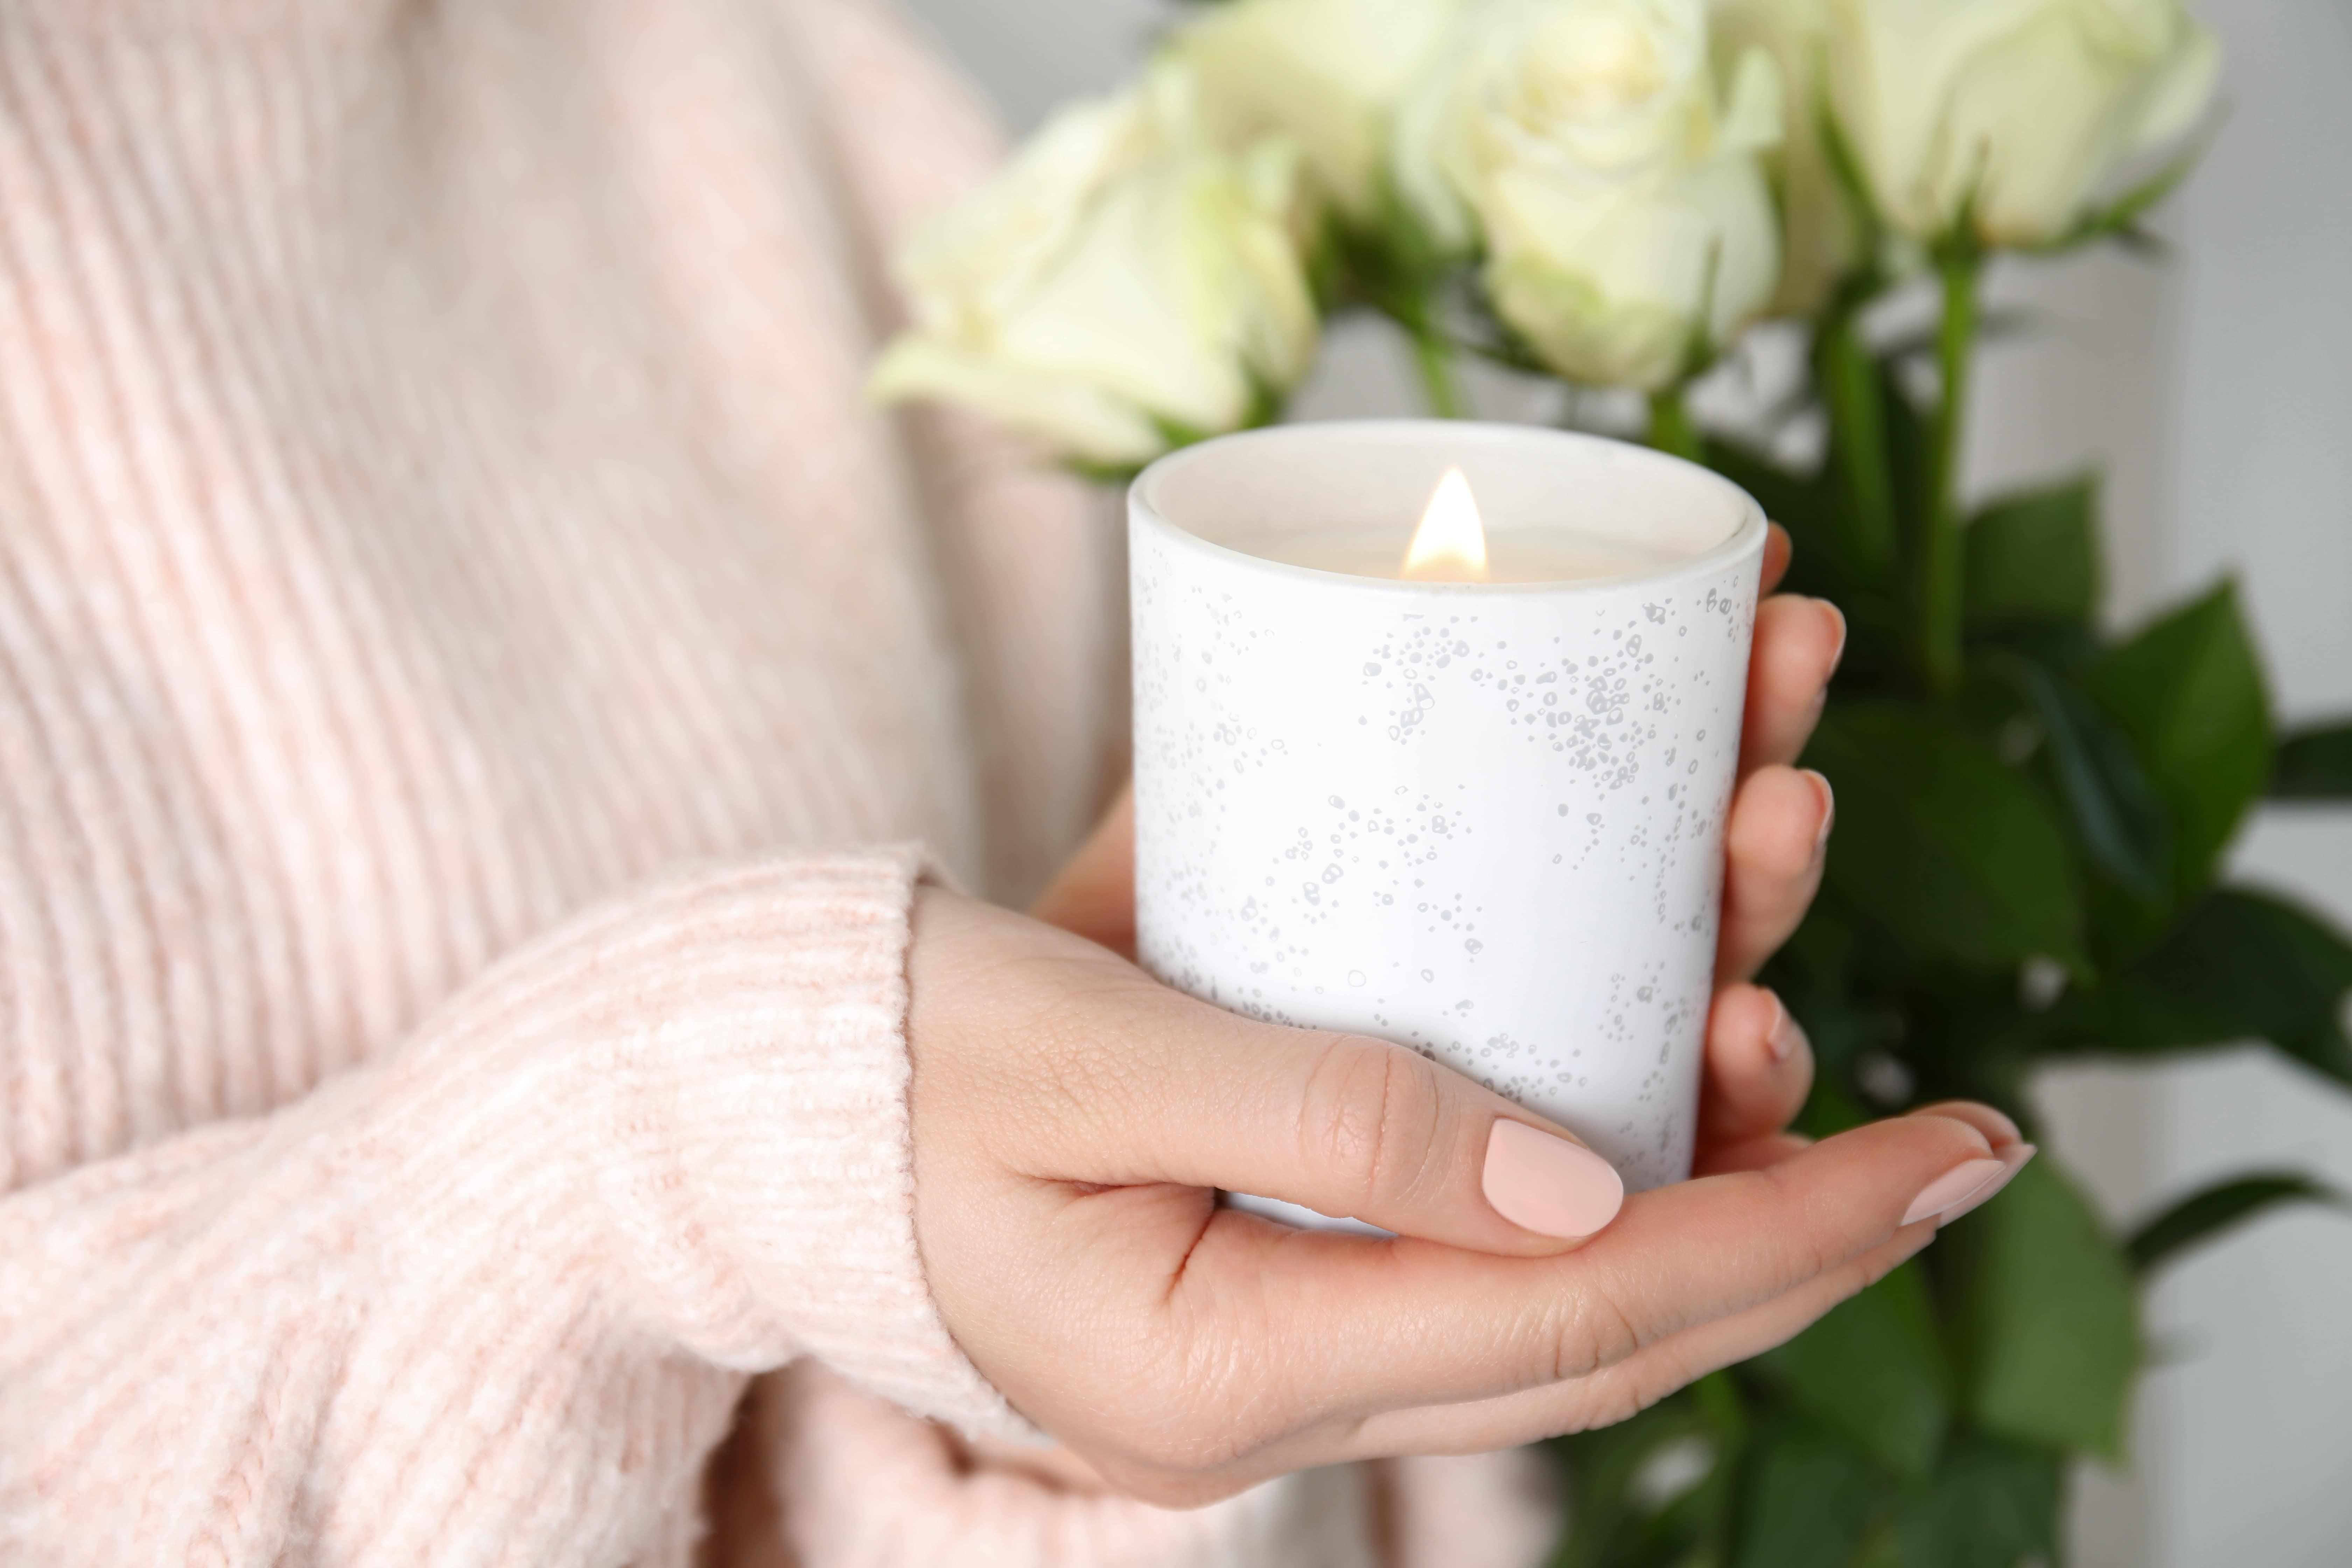 Cum să te bucuri de lumânări parfumate acasă, în siguranță?